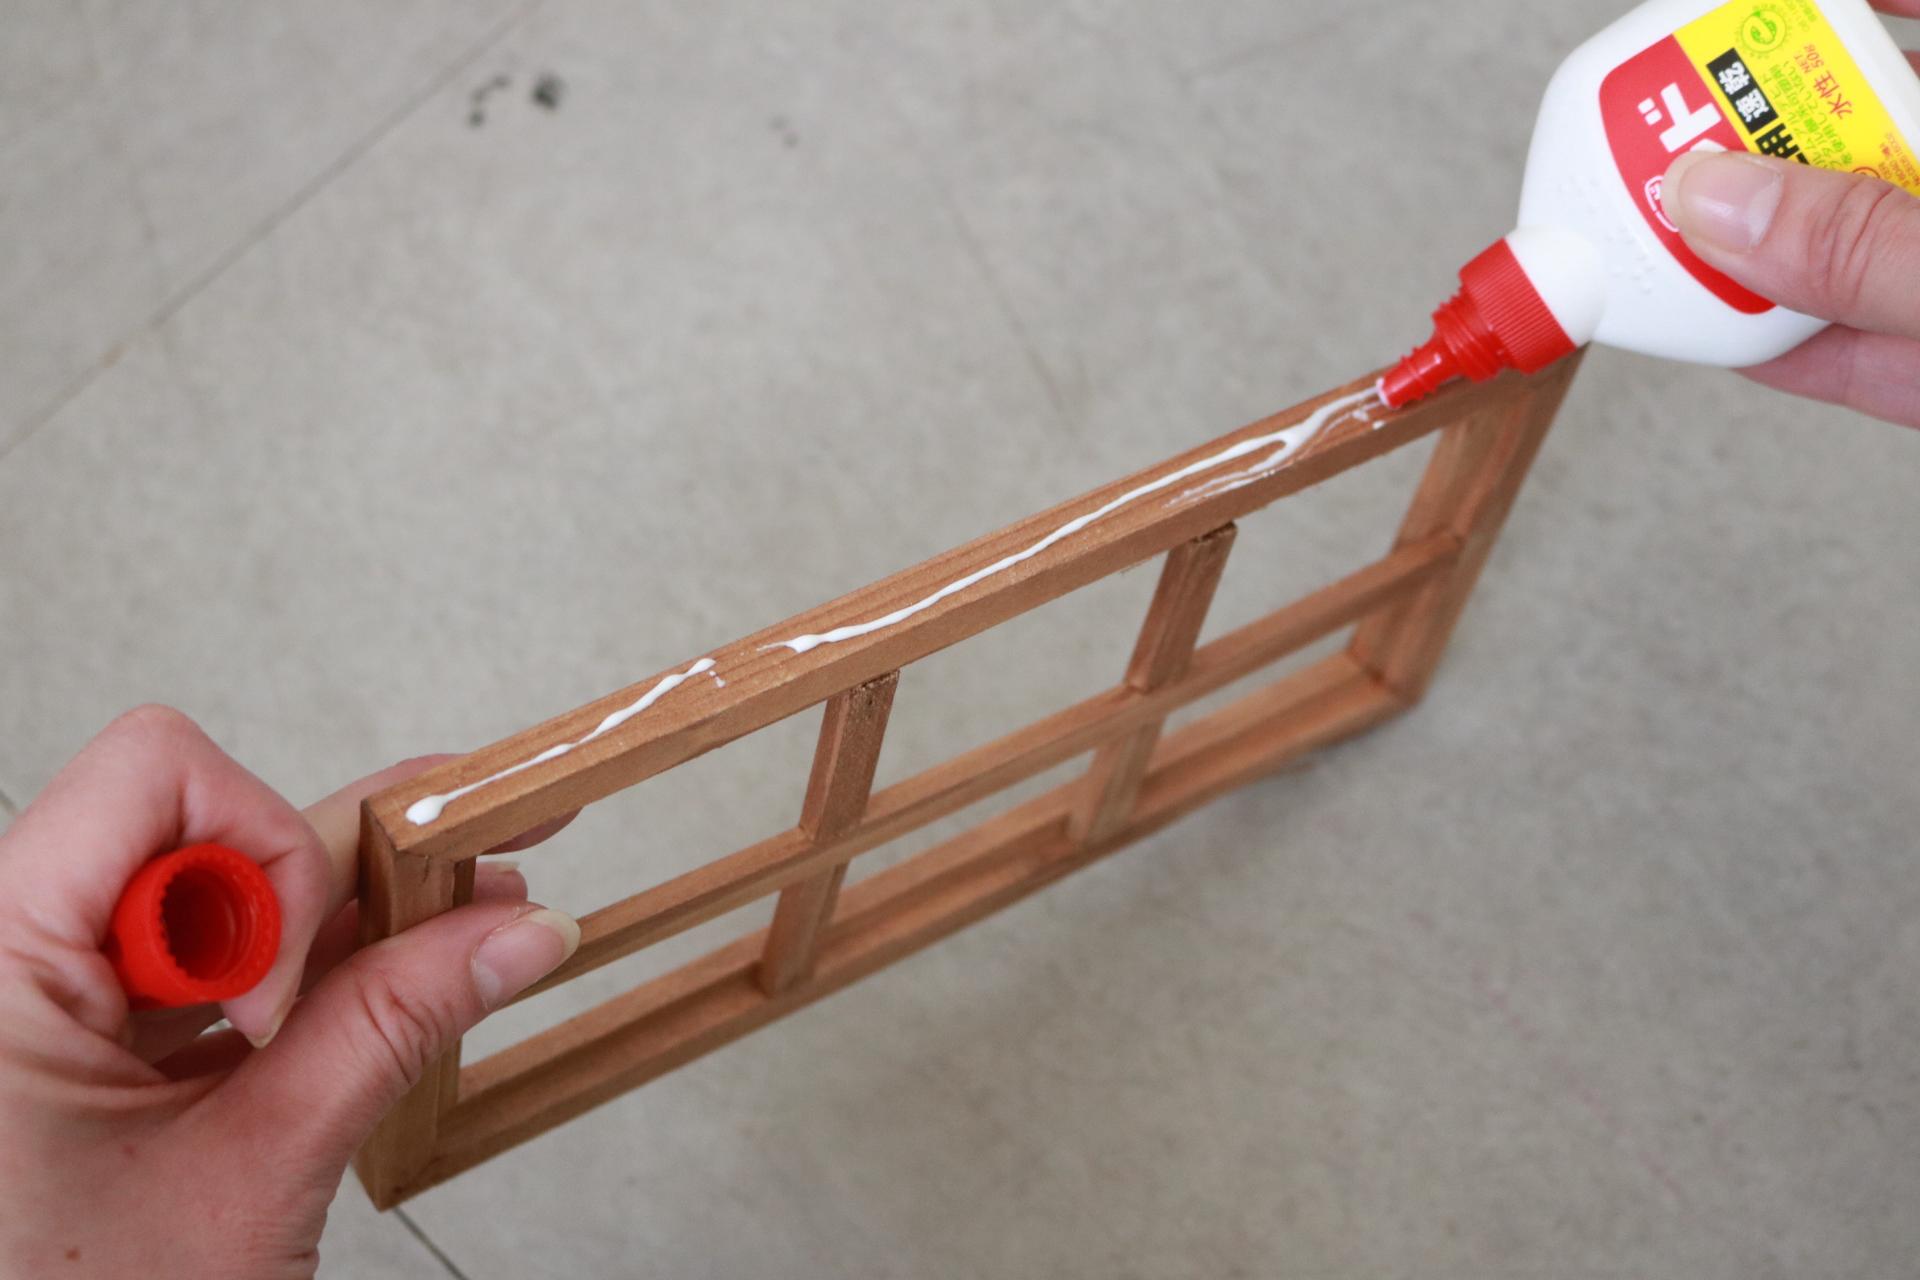 キャンドルライトホルダー 作り方